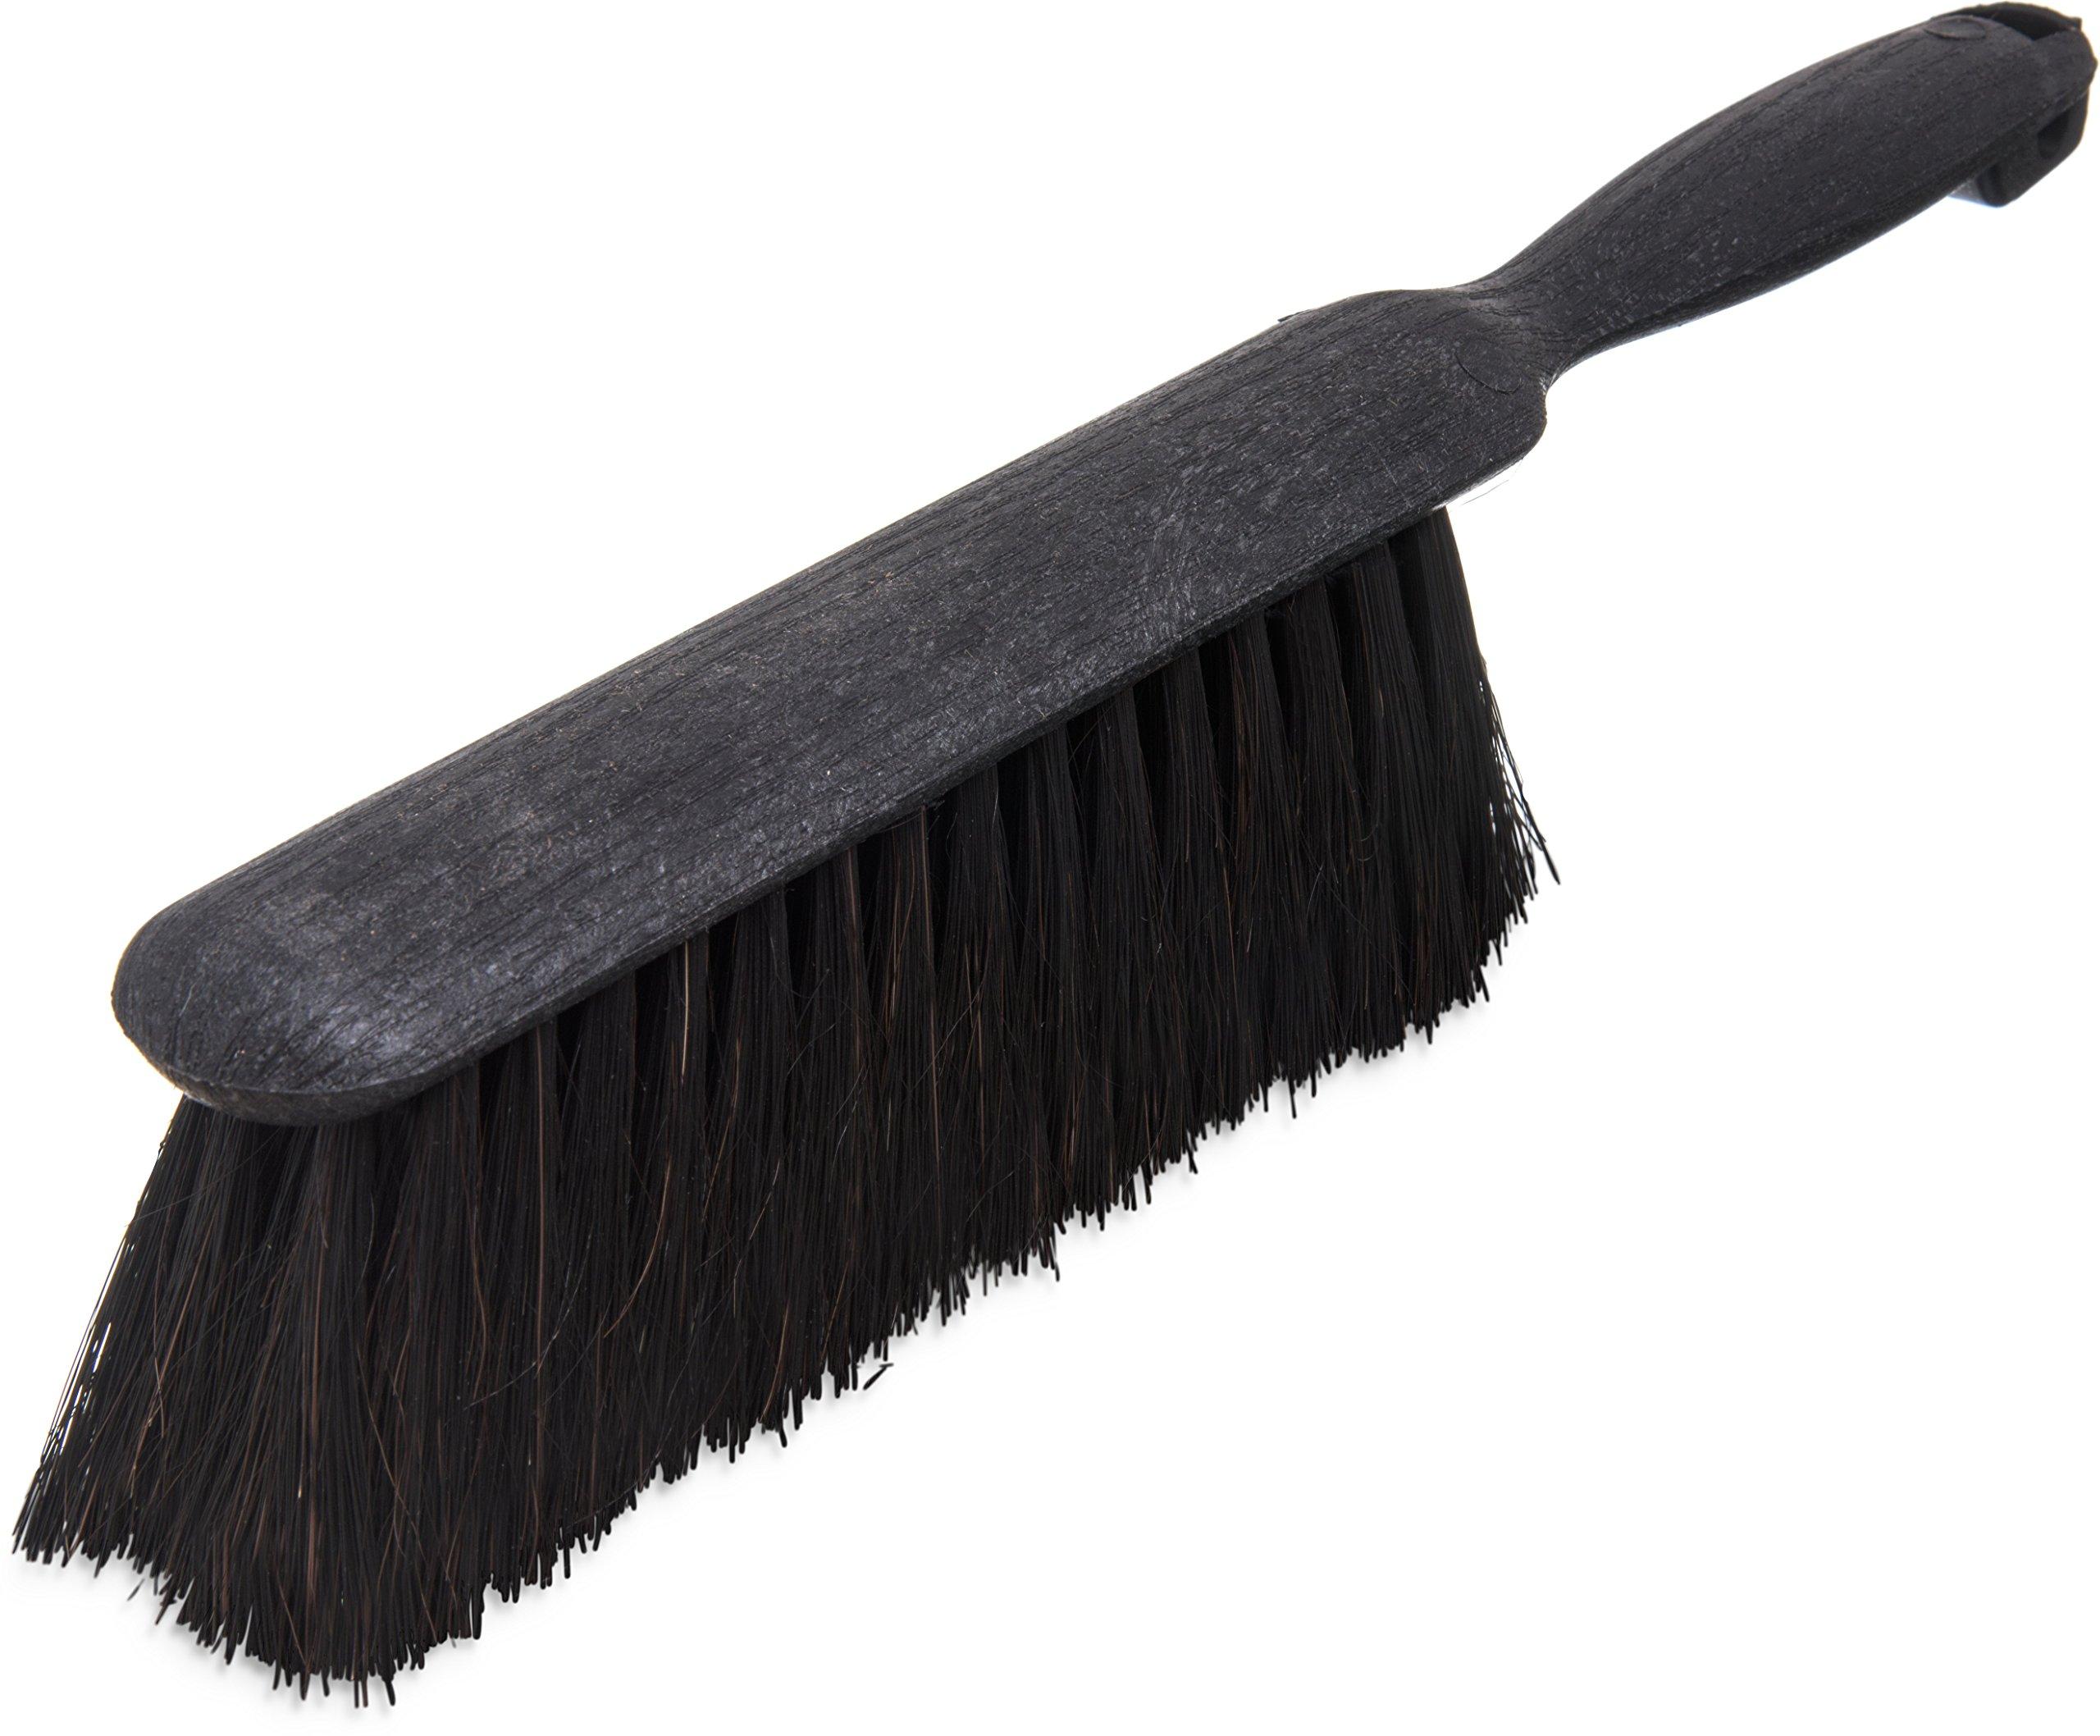 Carlisle 3622503 Counter Brush, Black Plastic Block and Handle, 2-1/2''-Long Horsehair Blend Bristles, 8''-Long Brush (Case of 12)